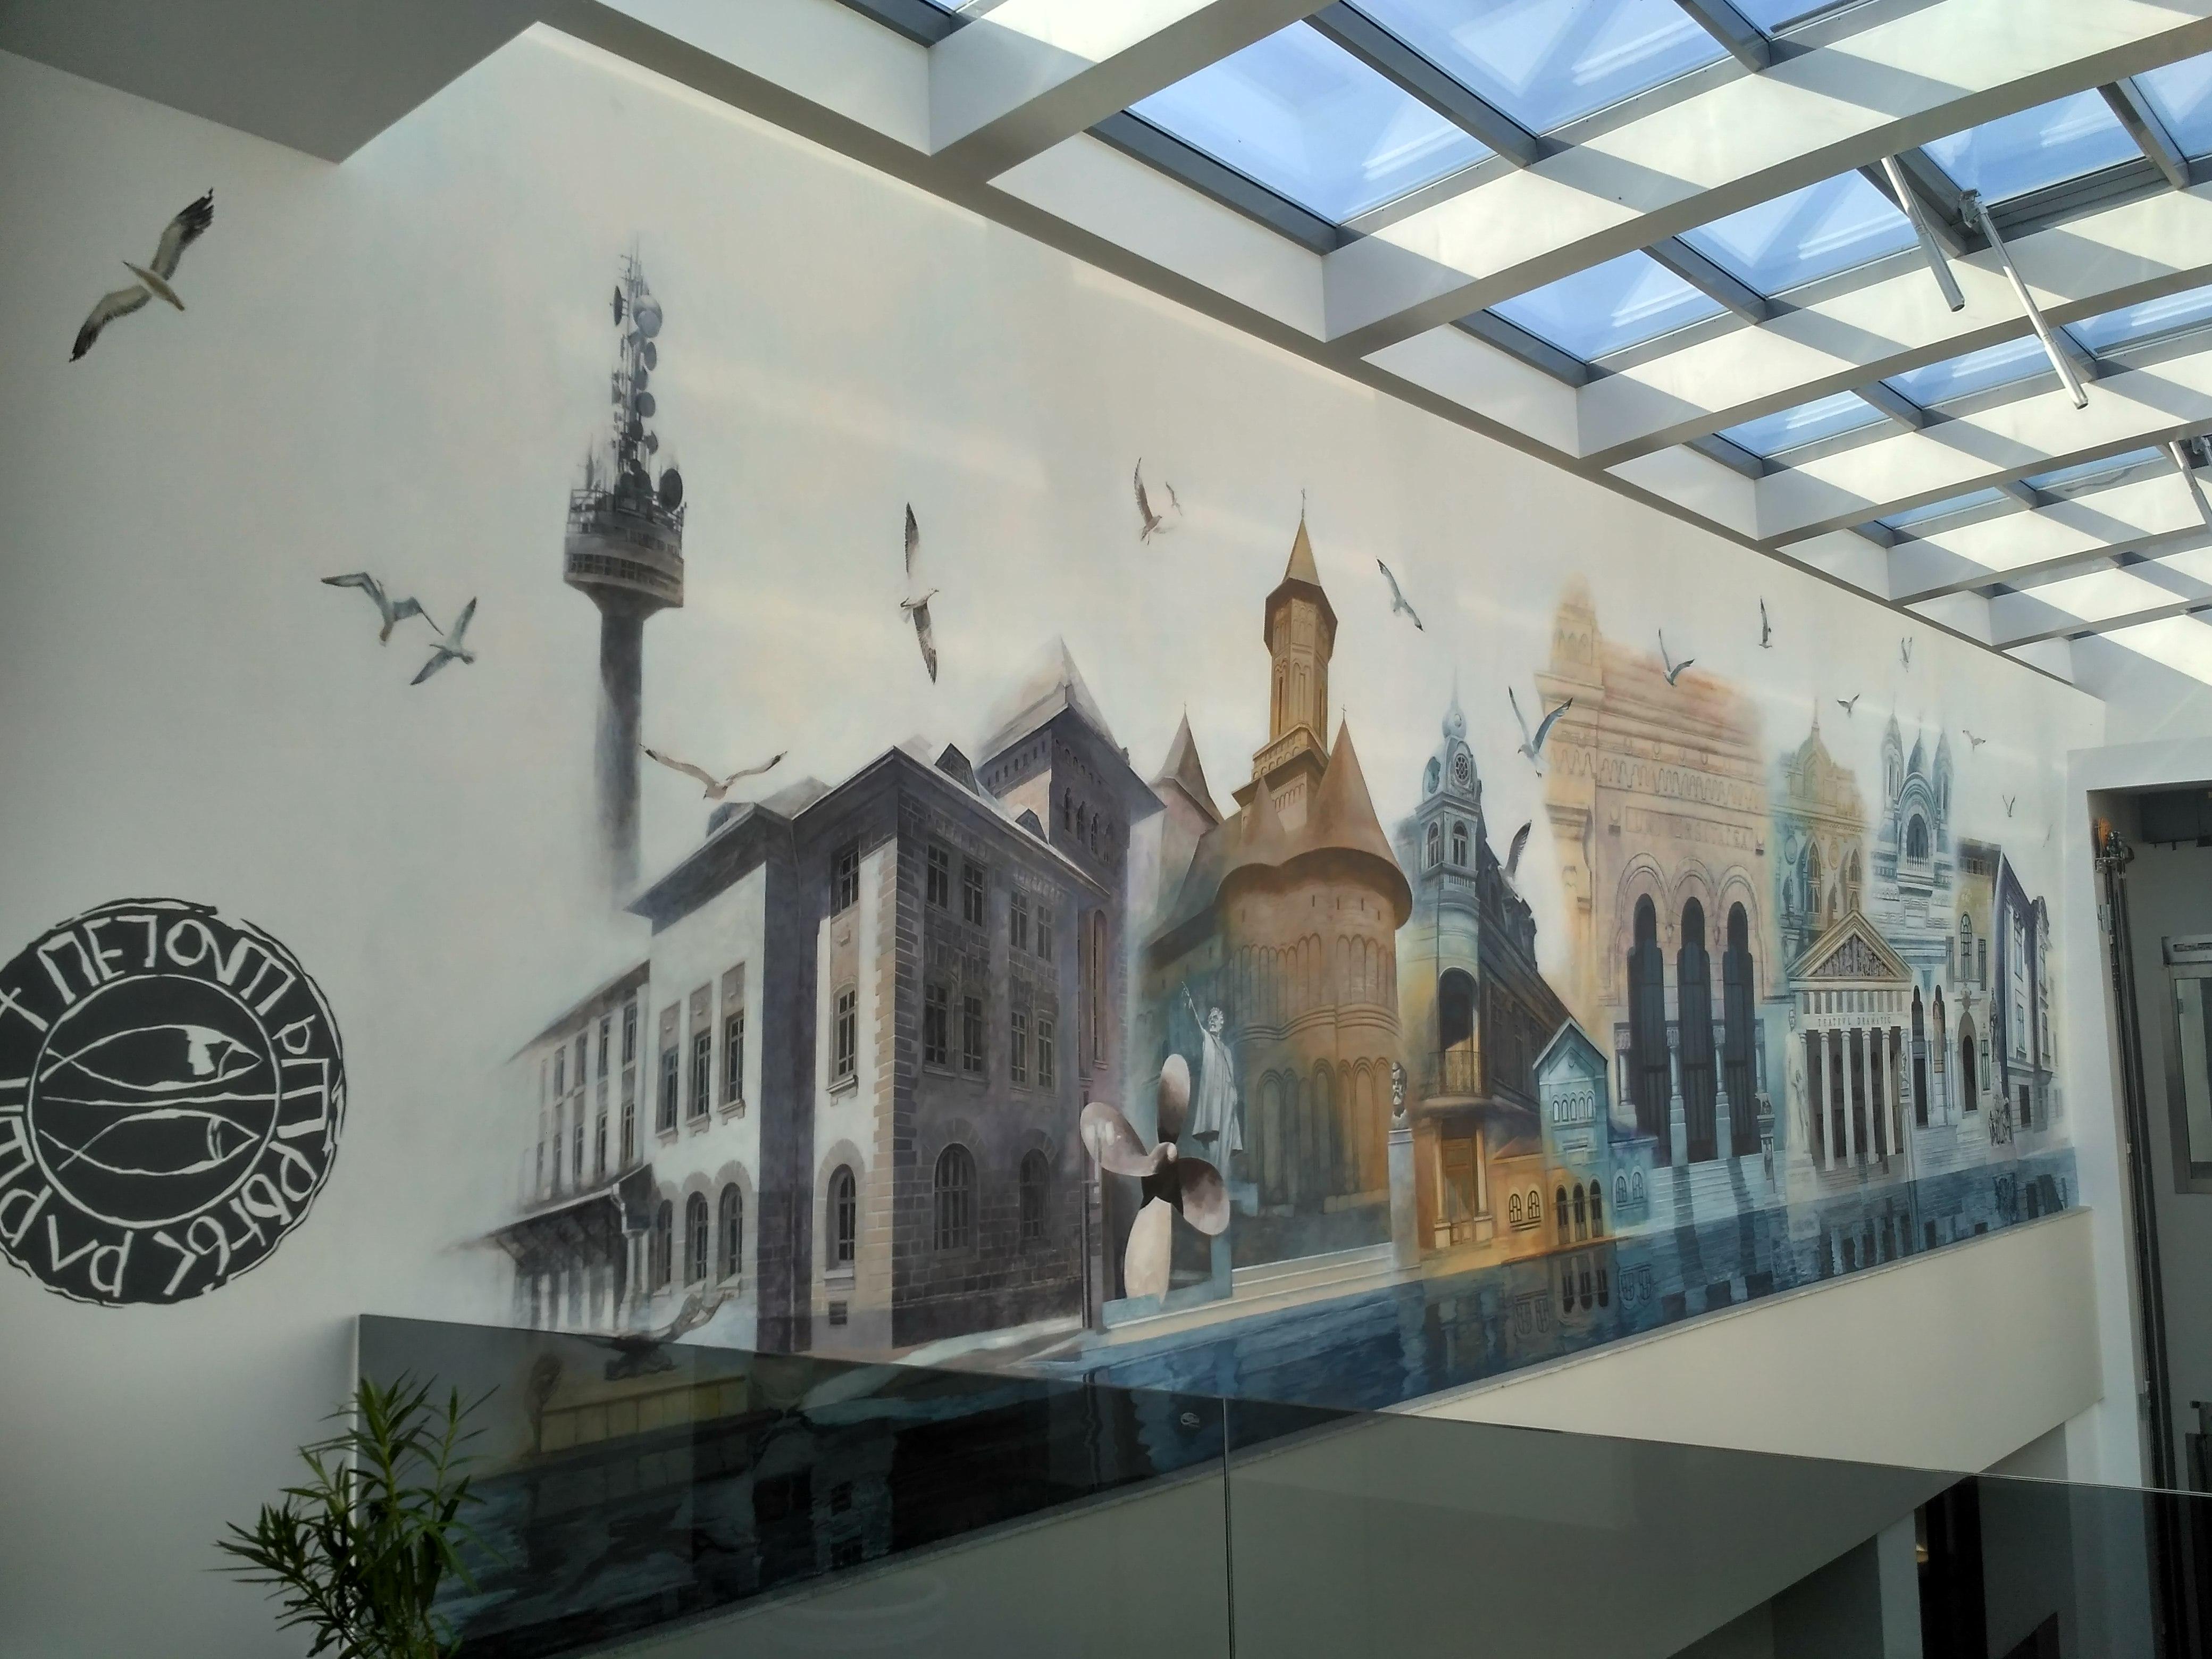 Galaţi: Noua Primărie, un colos din sticlă şi metal ridicat în zona istorică protejată a oraşului, a fost inaugurată 5